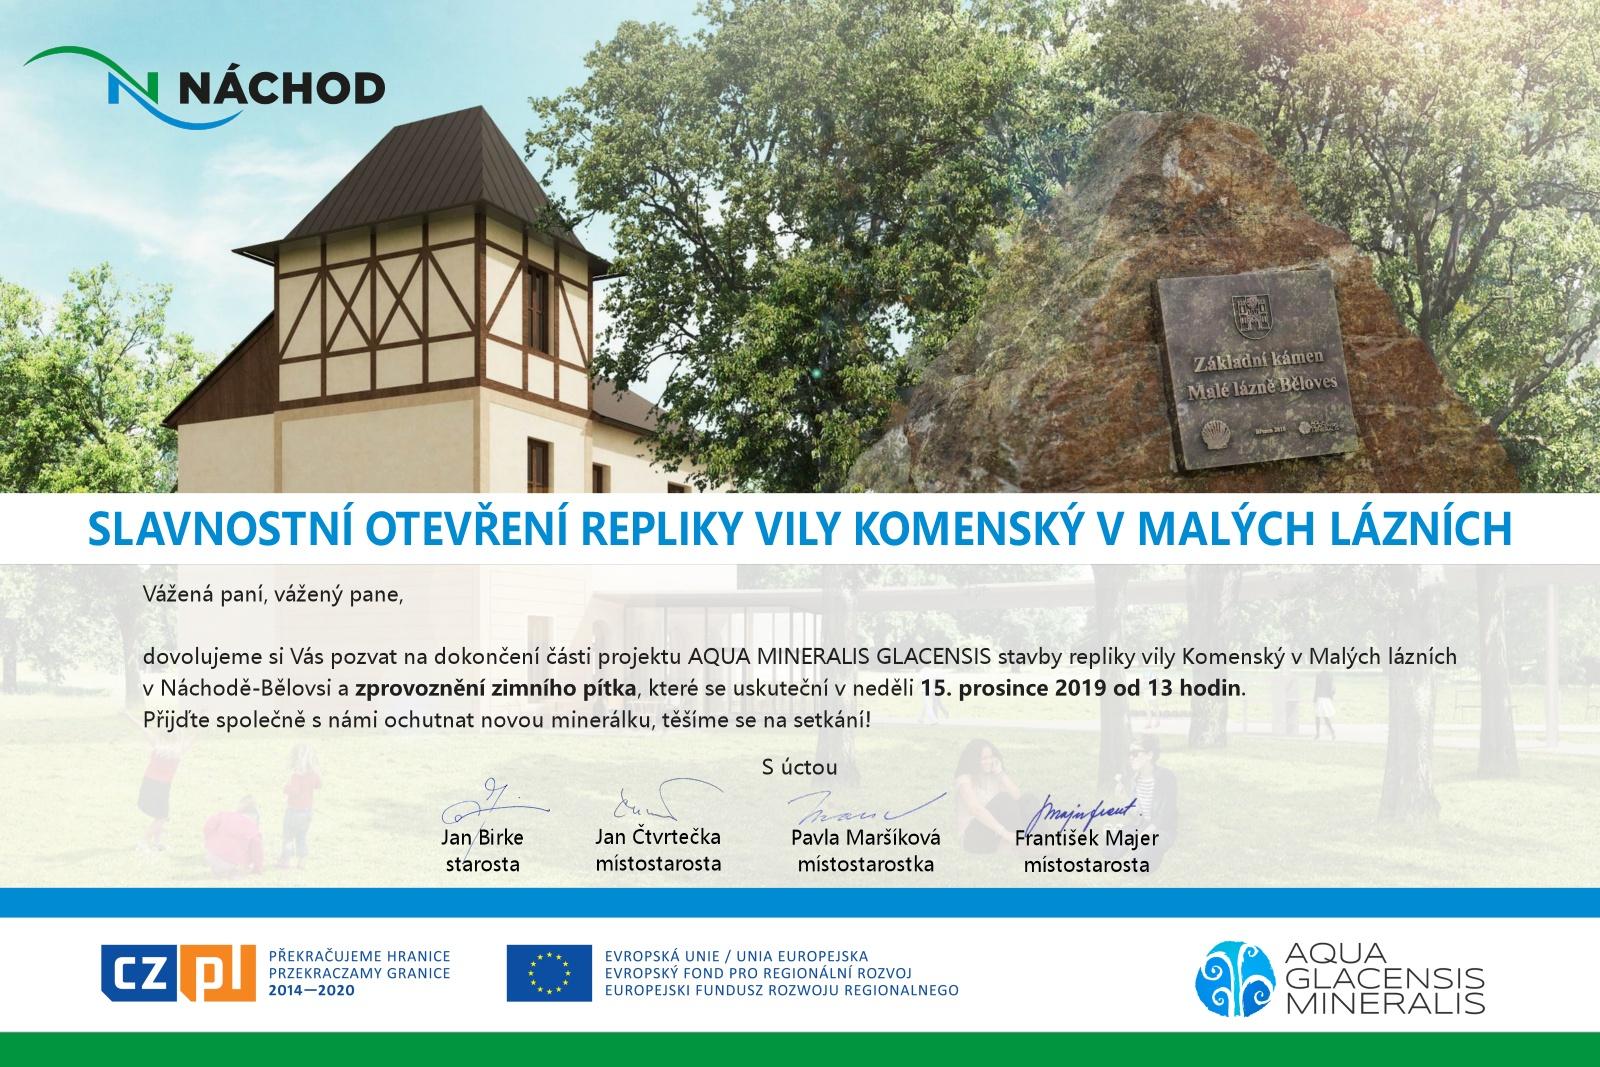 Slavnostní otevření repliky Vily Komenský vMalých lázních - neděle 15. 12. 2019